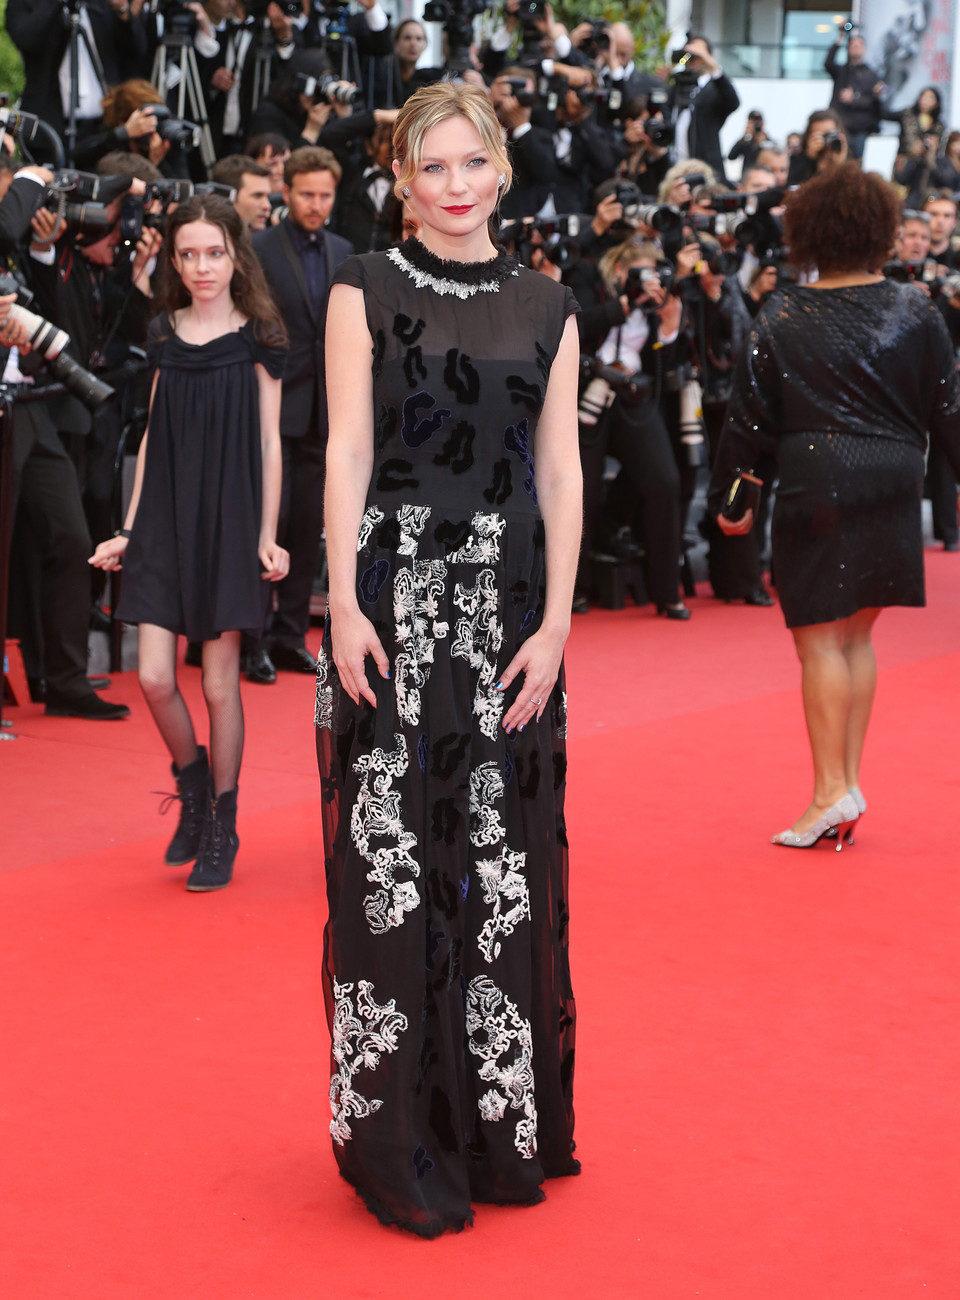 Kirsten Dunst en la premiere de 'Inside Llewyn Davis' en el Festival de Cannes 2013